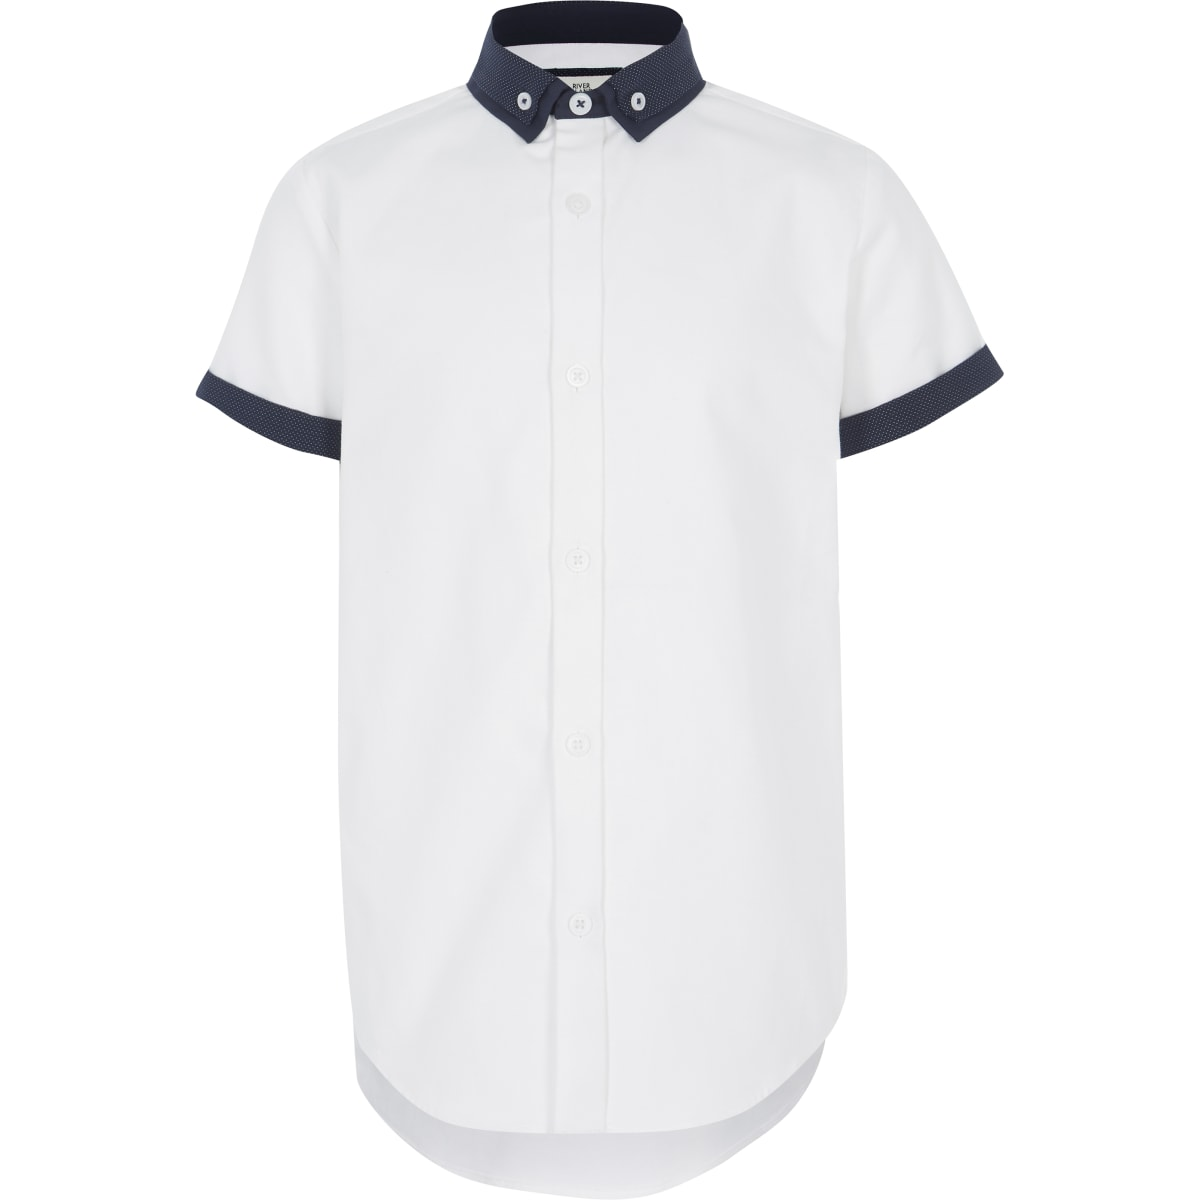 Boys white double collar shirt